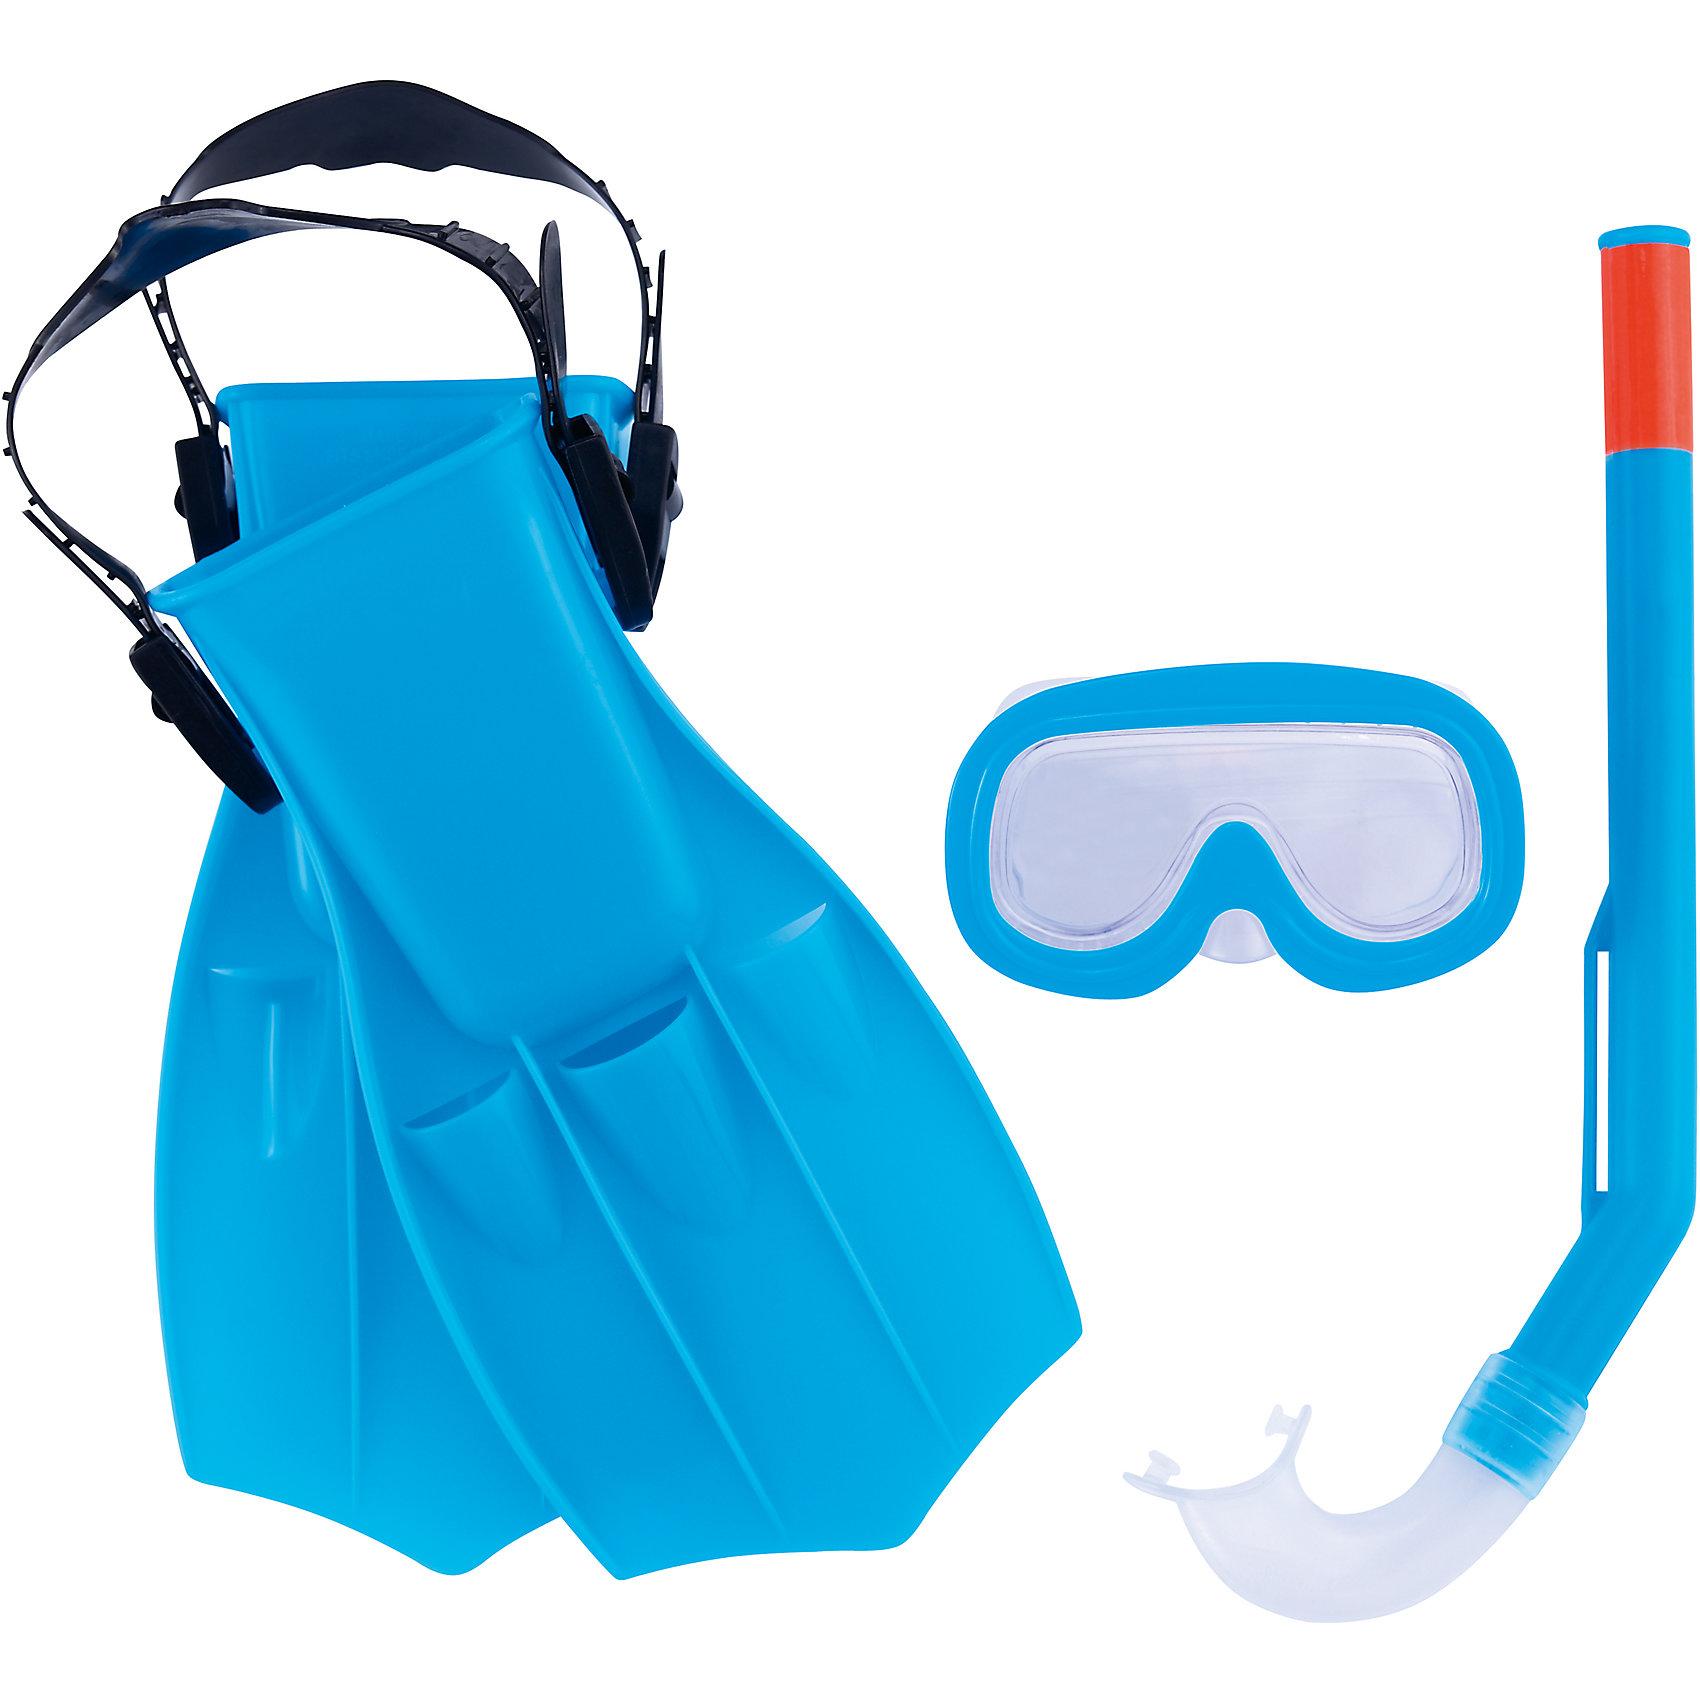 Bestway Набор для ныряния Play Pro детский, Bestway, синий bestway bestway steel pro frame 56416 56062